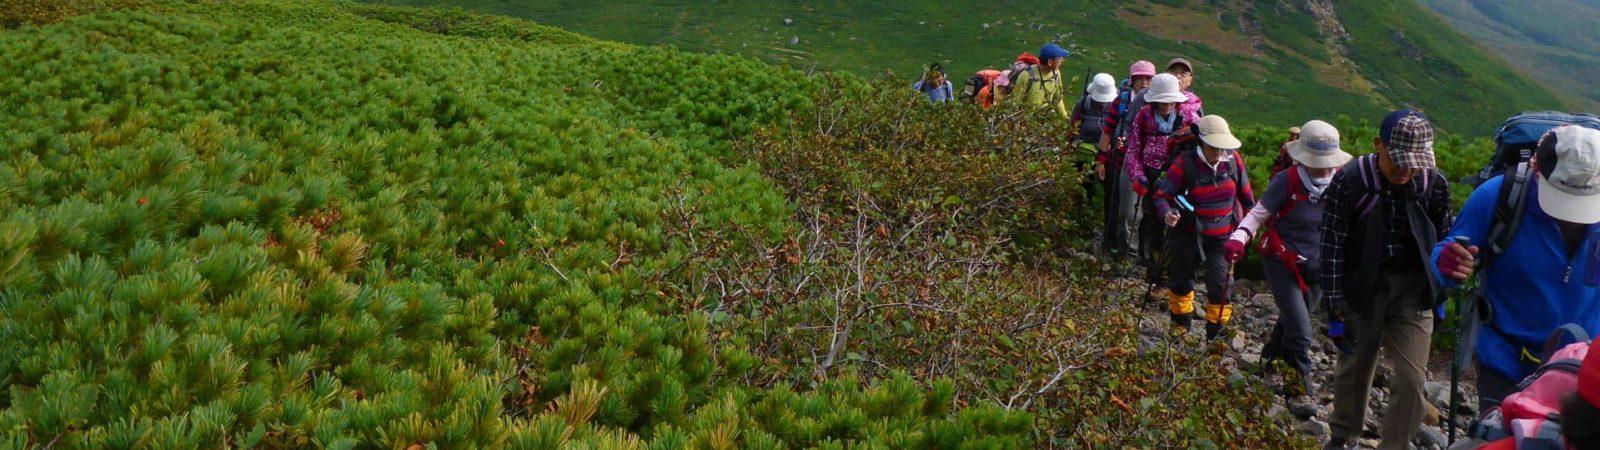 1 day Mt. Rausu trekking in Shiretoko, Hokkaido